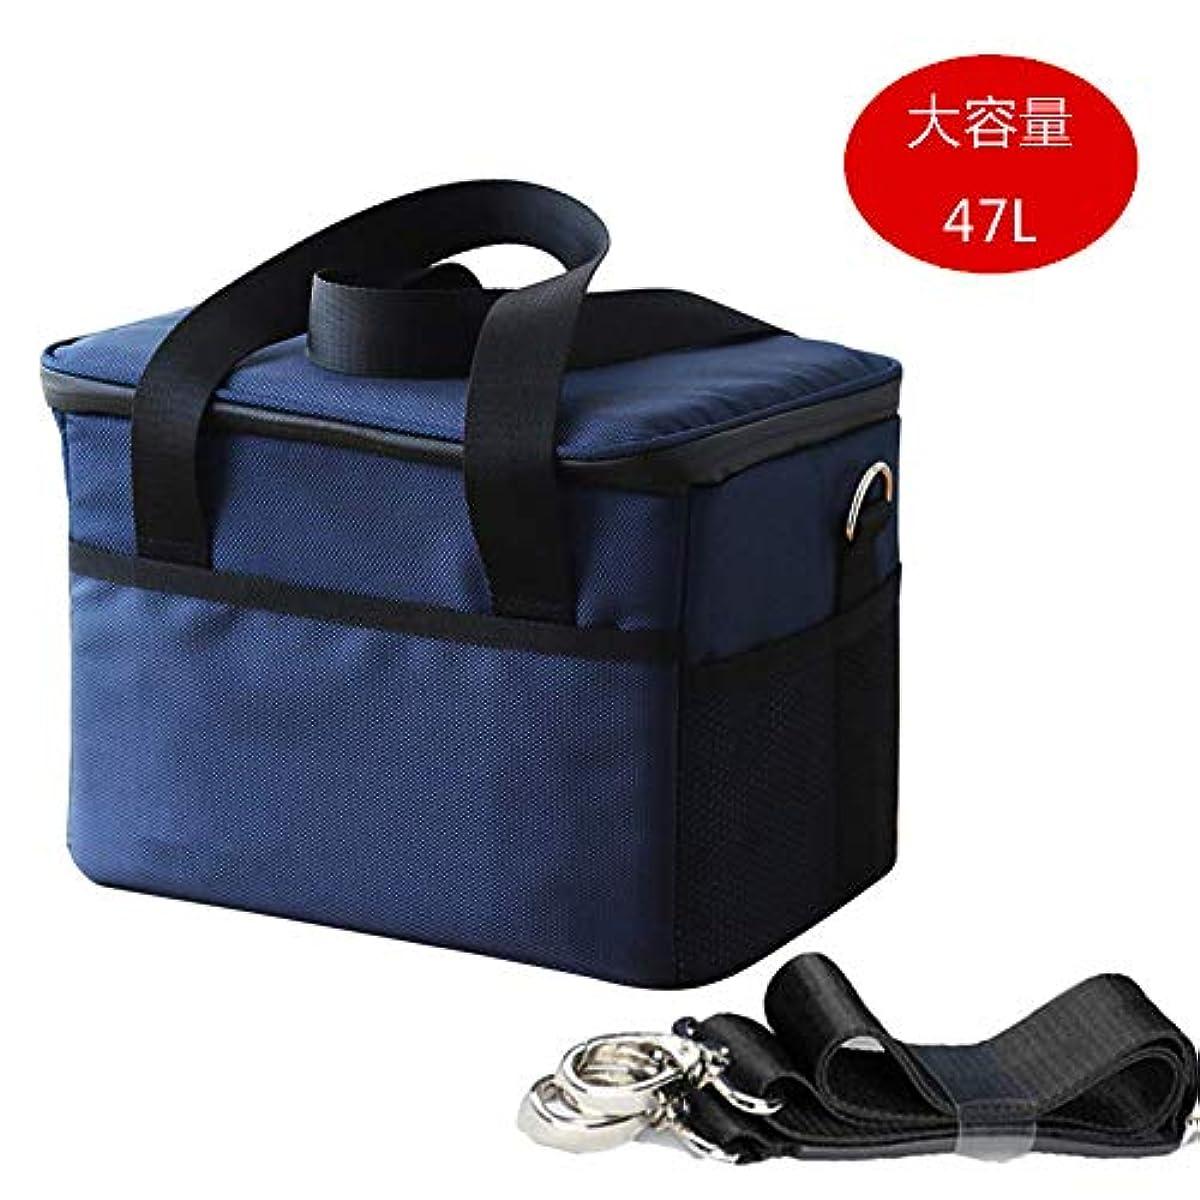 [해외] 쿨러 박스 쿨러 화이트 대용량 초경량 손에 쥐는와 견걸이 양방 할 수 있는 지퍼 보온 보냉 화이트 방수 남녀 겸용 블루